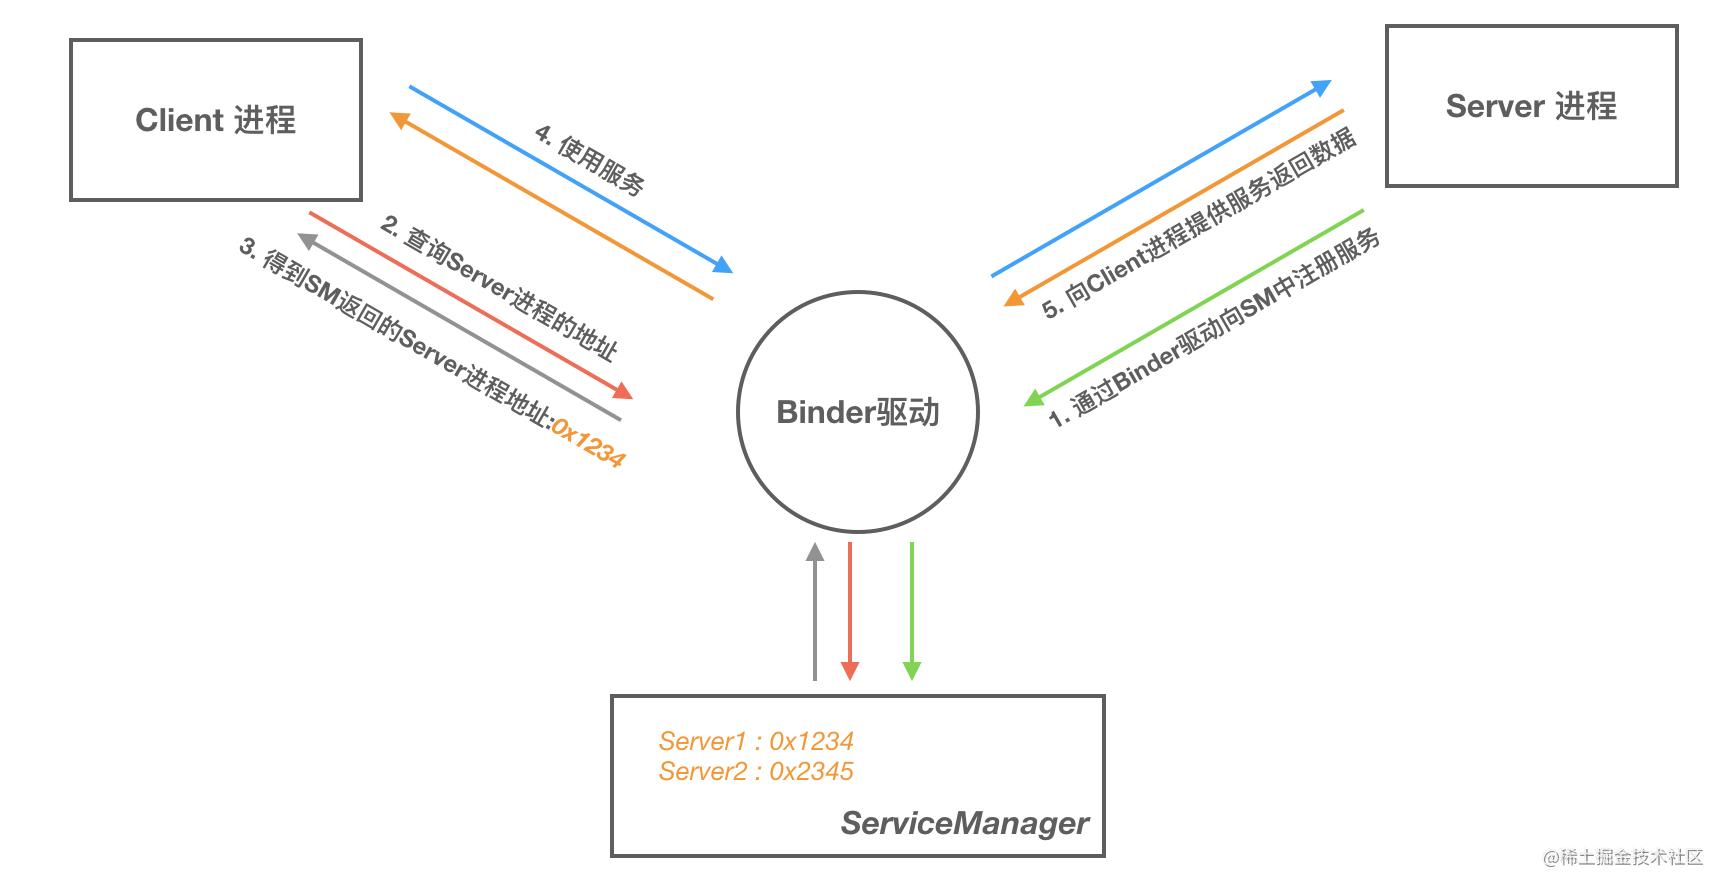 Binder 通信模型